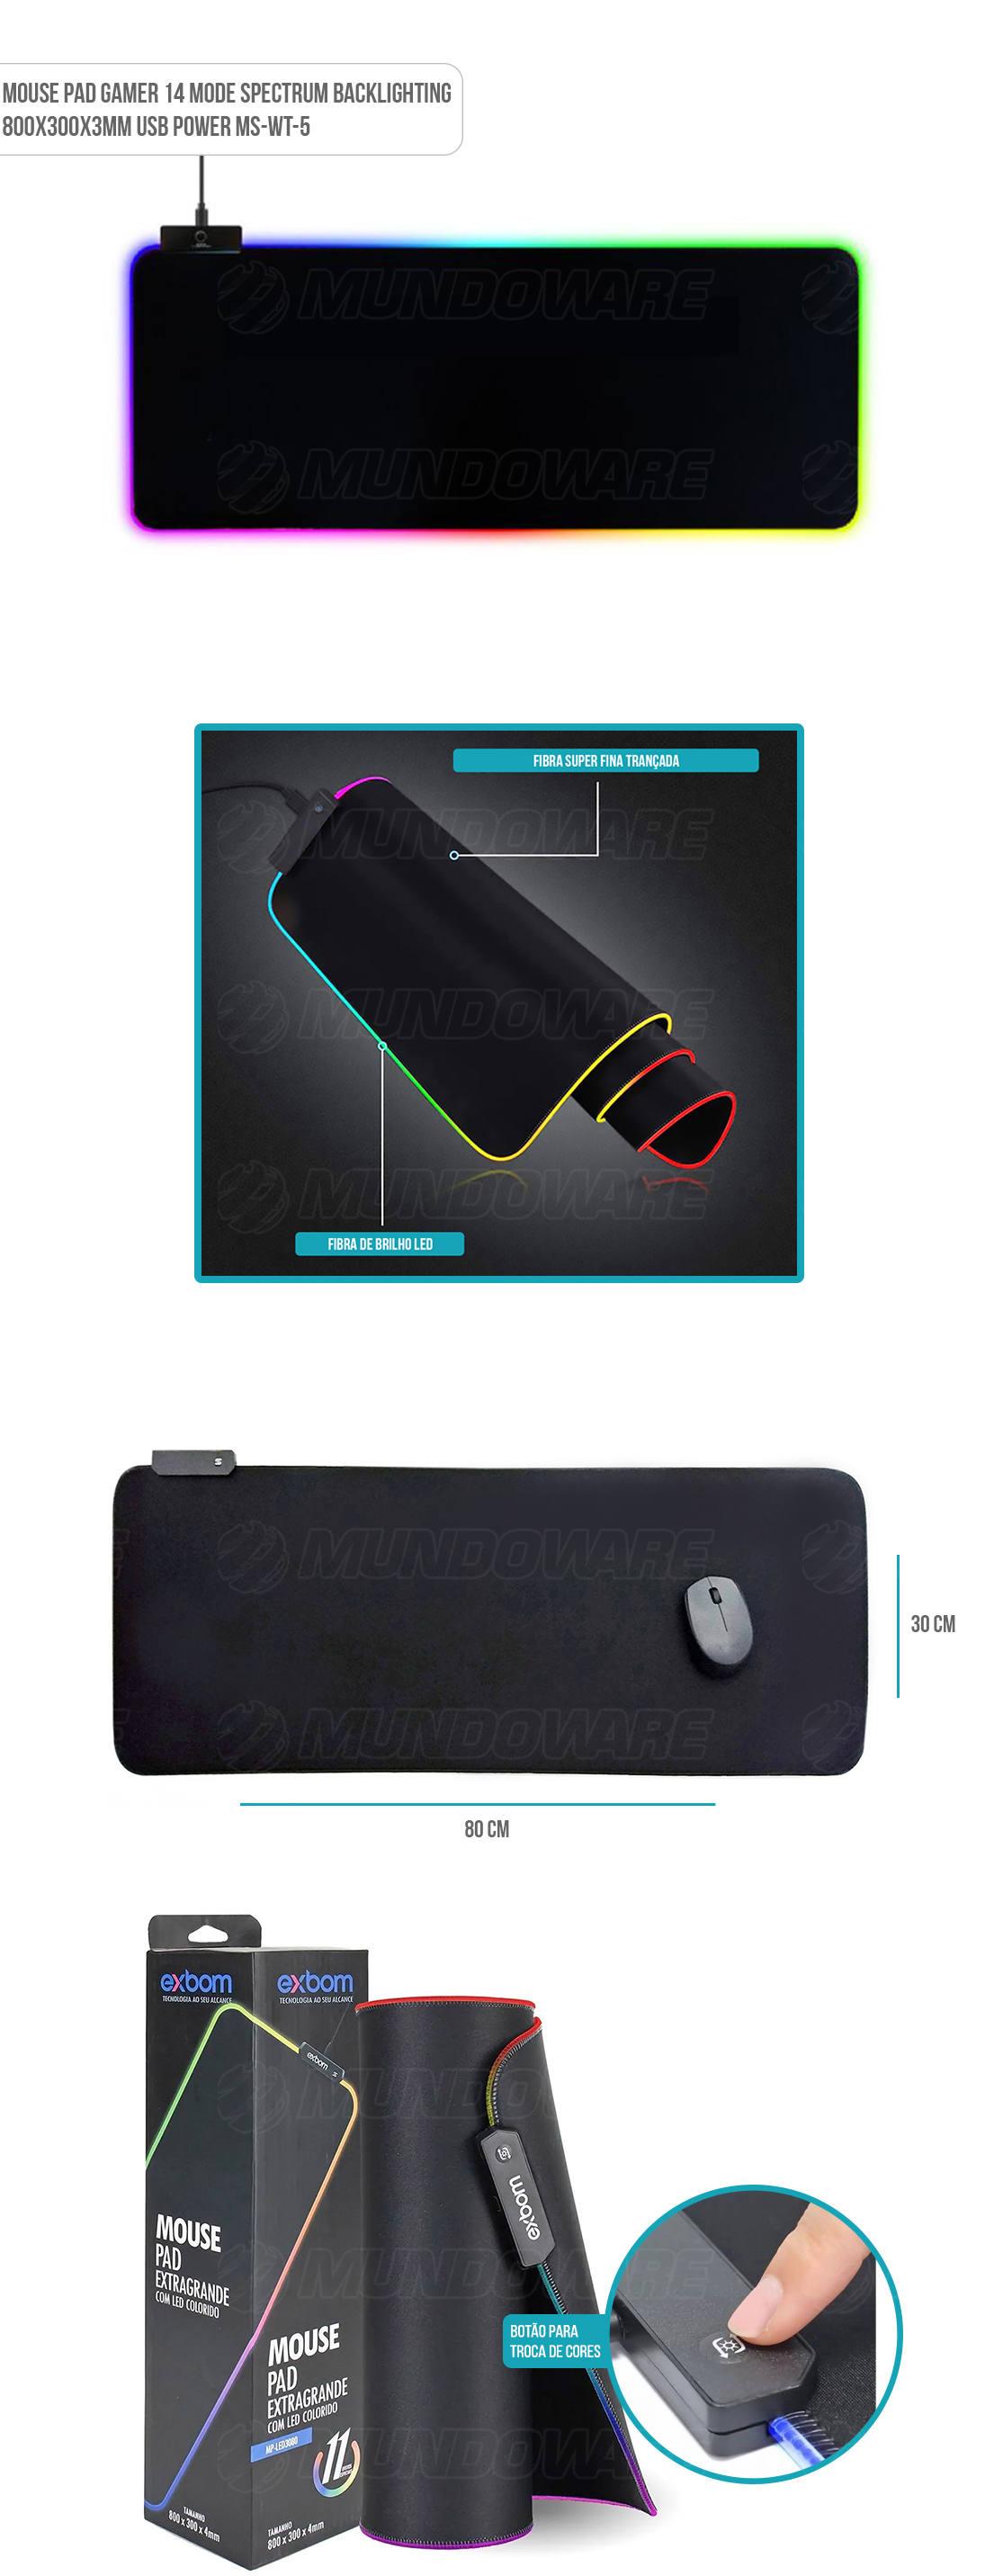 Mouse Pad Gamer com iluminação led nas bordas 80x30x3